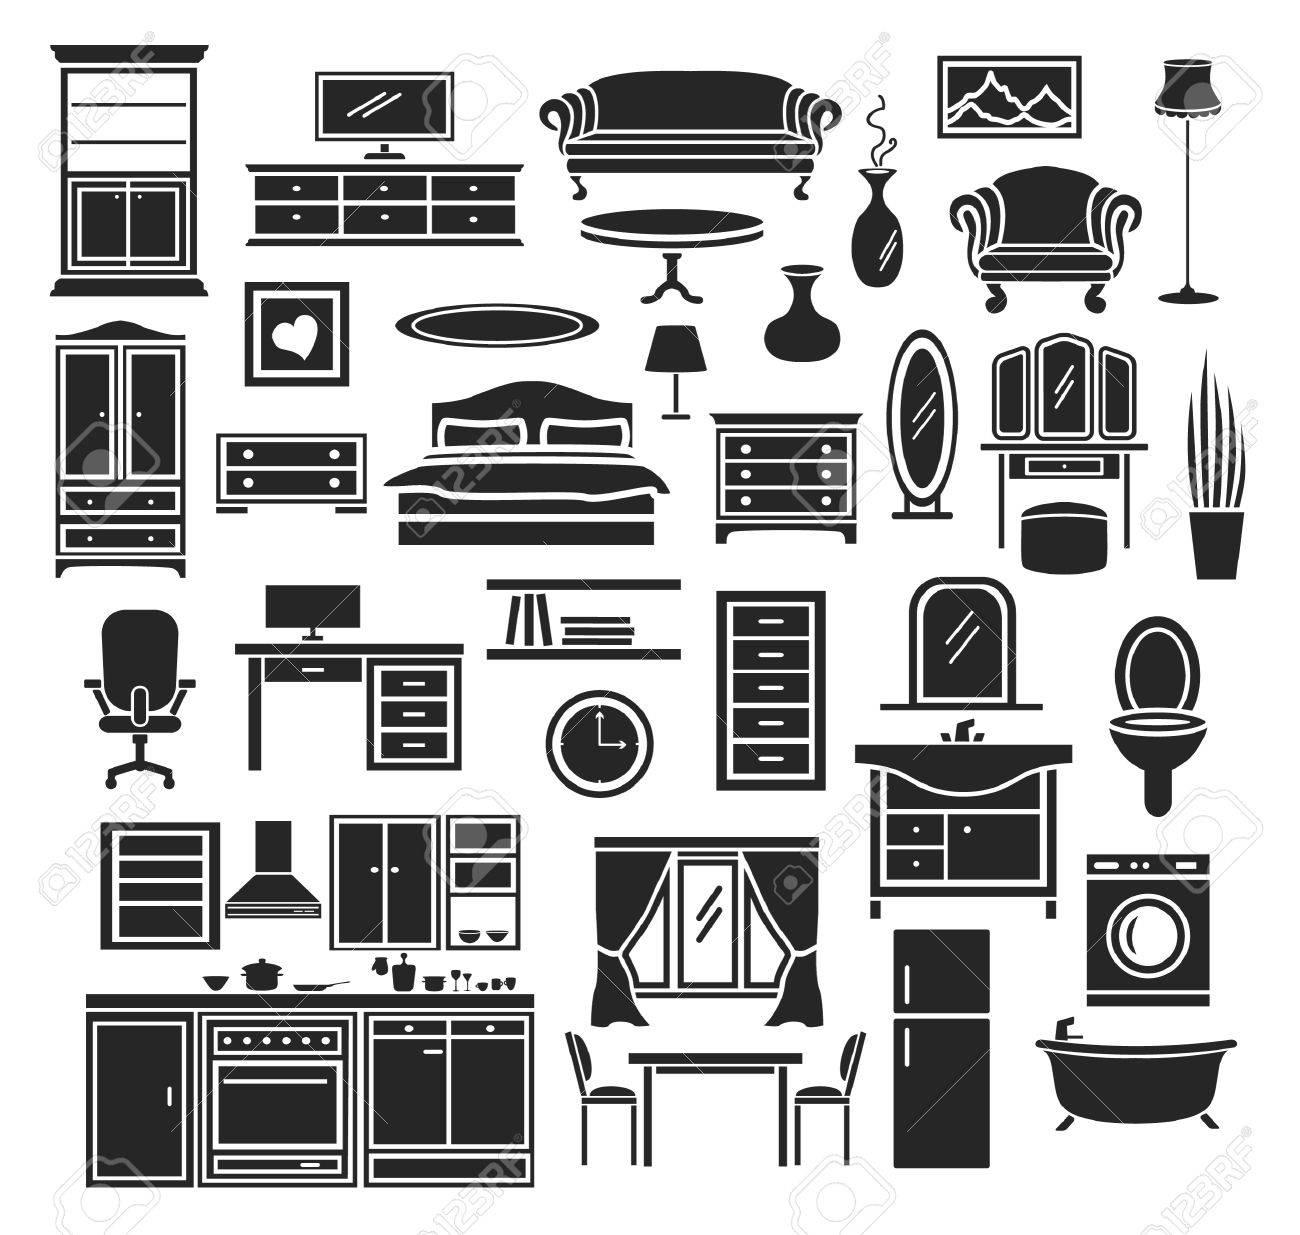 Möbel Artikel Icons Set Schlafzimmer Wohnzimmer Möbel Badezimmer